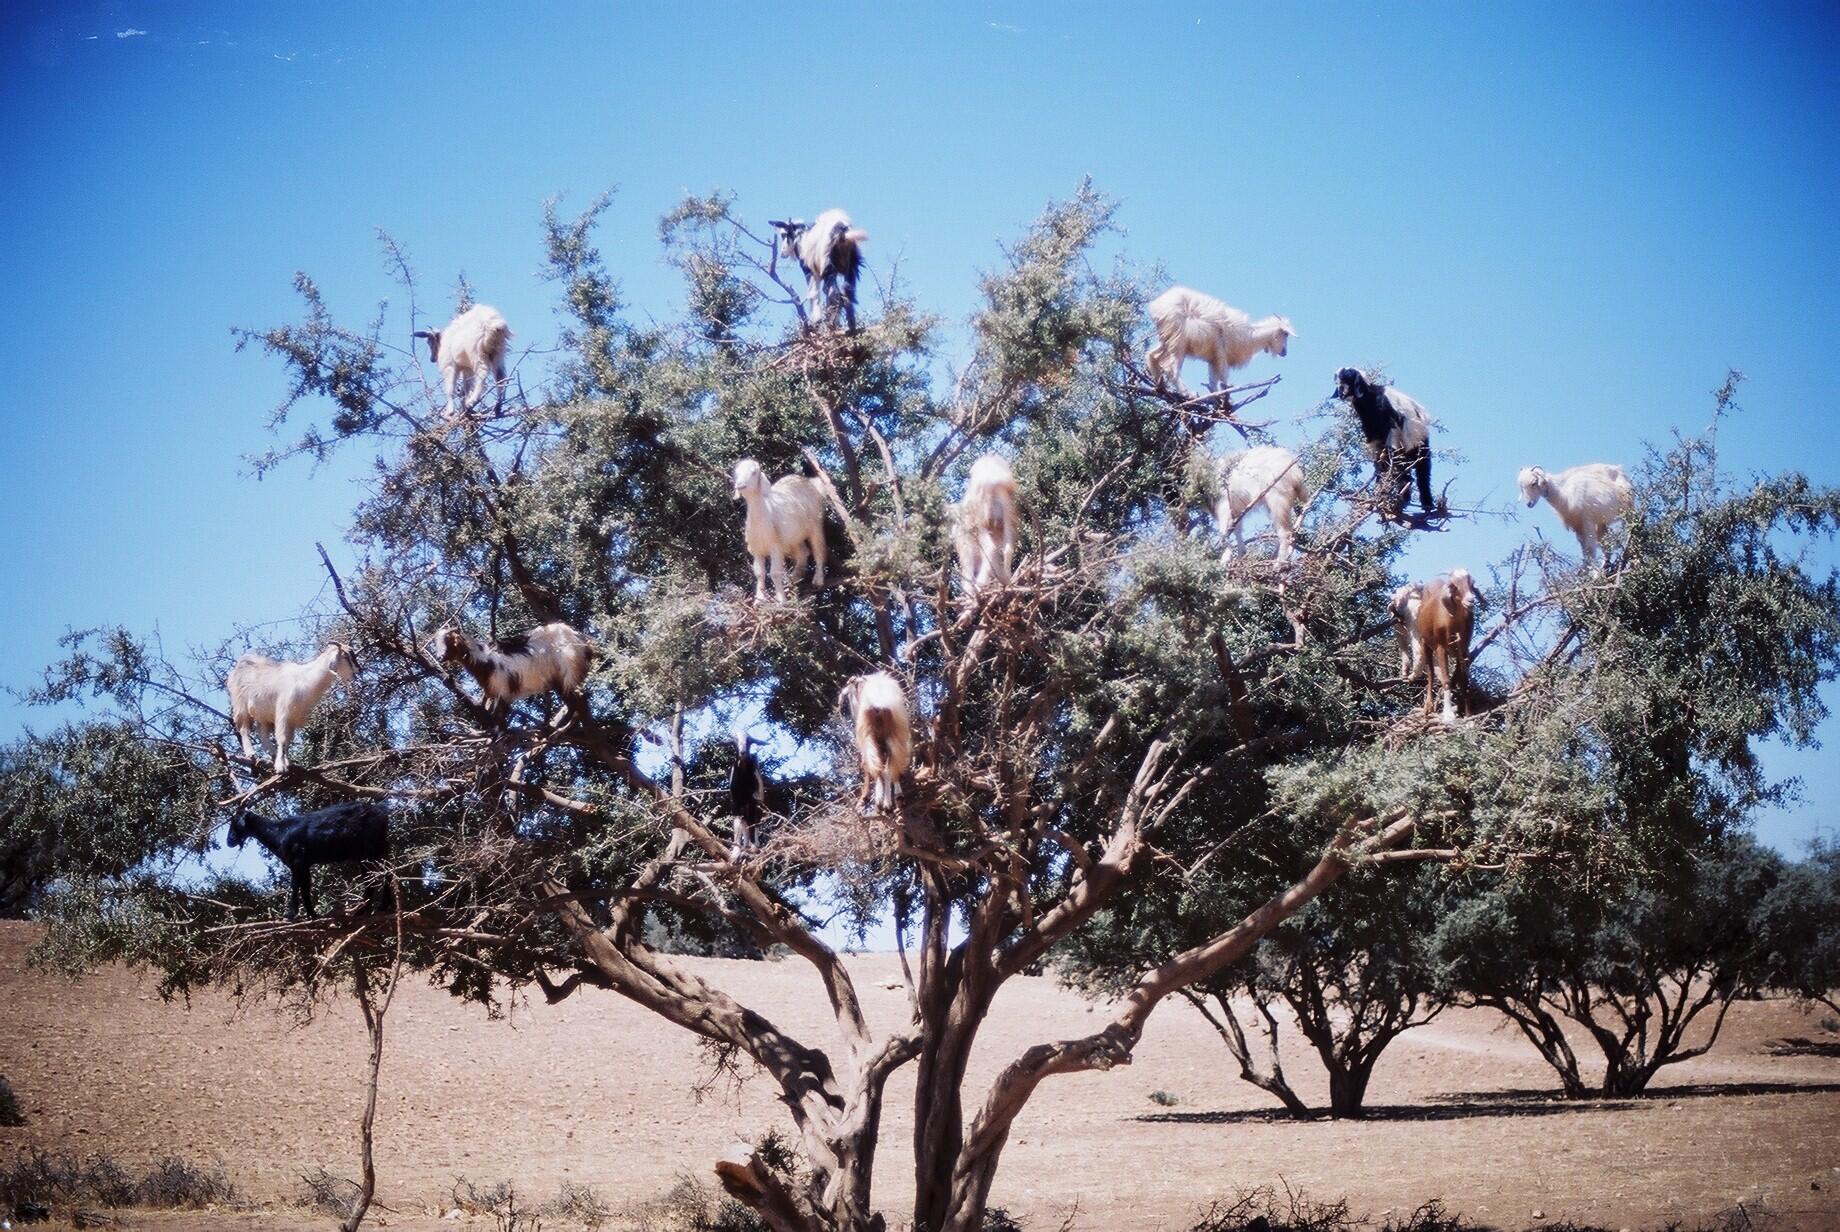 Bodes não dão em árvores. Estes animais se alimentam das folhas já que no Marrocos não há muito pasto disponí http://t.co/dDkRfxjgg2